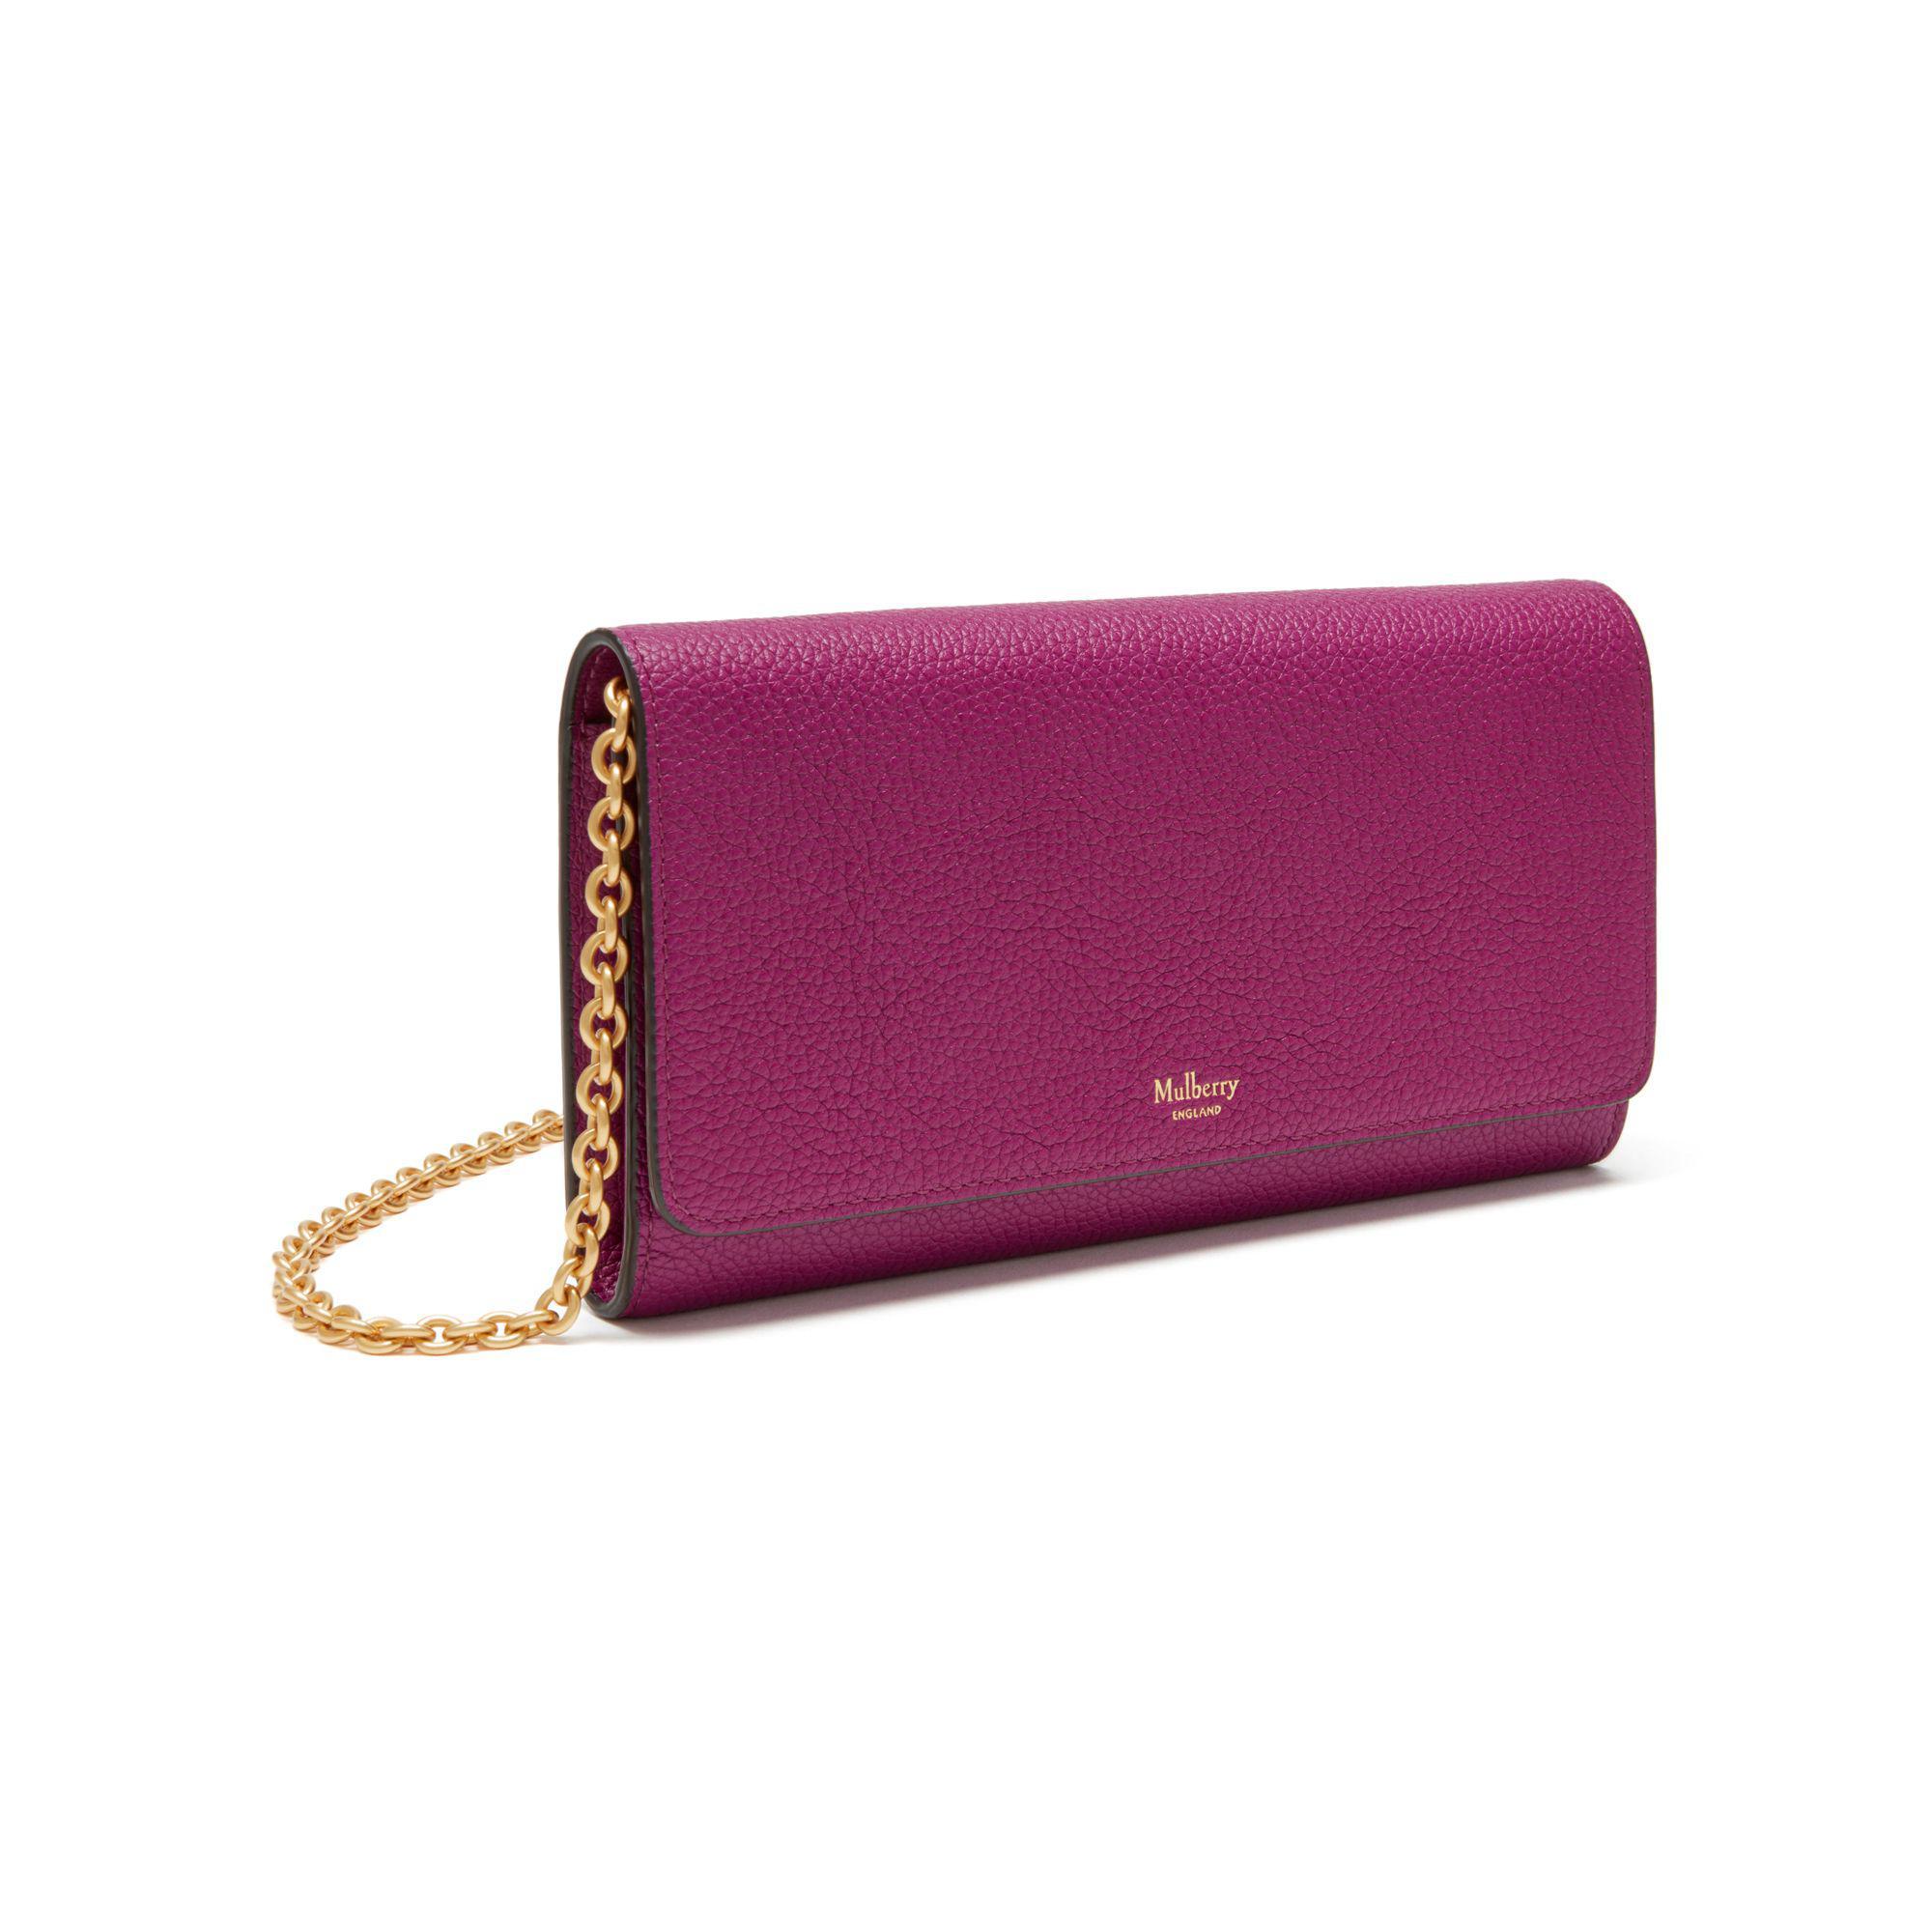 e3c1e5df56 Lyst - Mulberry Continental Clutch Bag in Purple